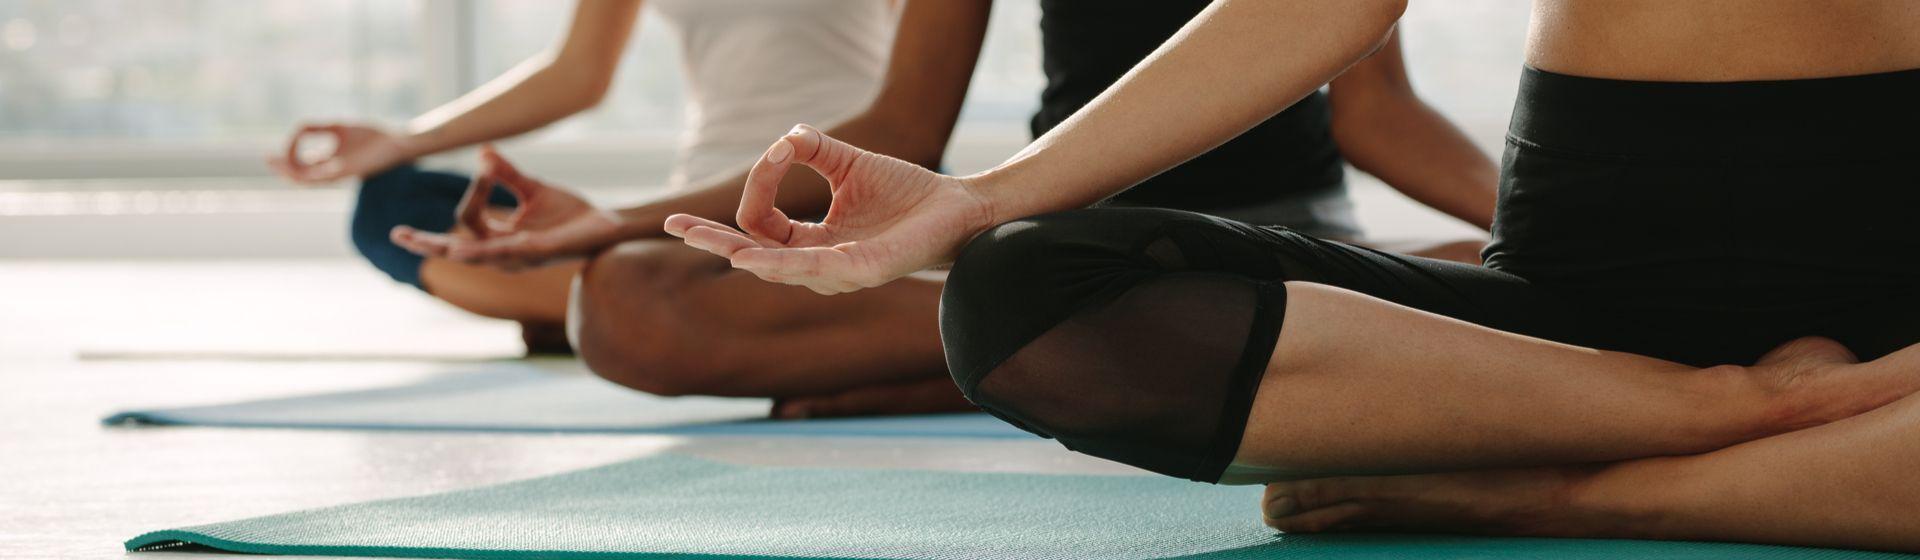 Tipos de yoga: conheça os principais e saiba qual escolher